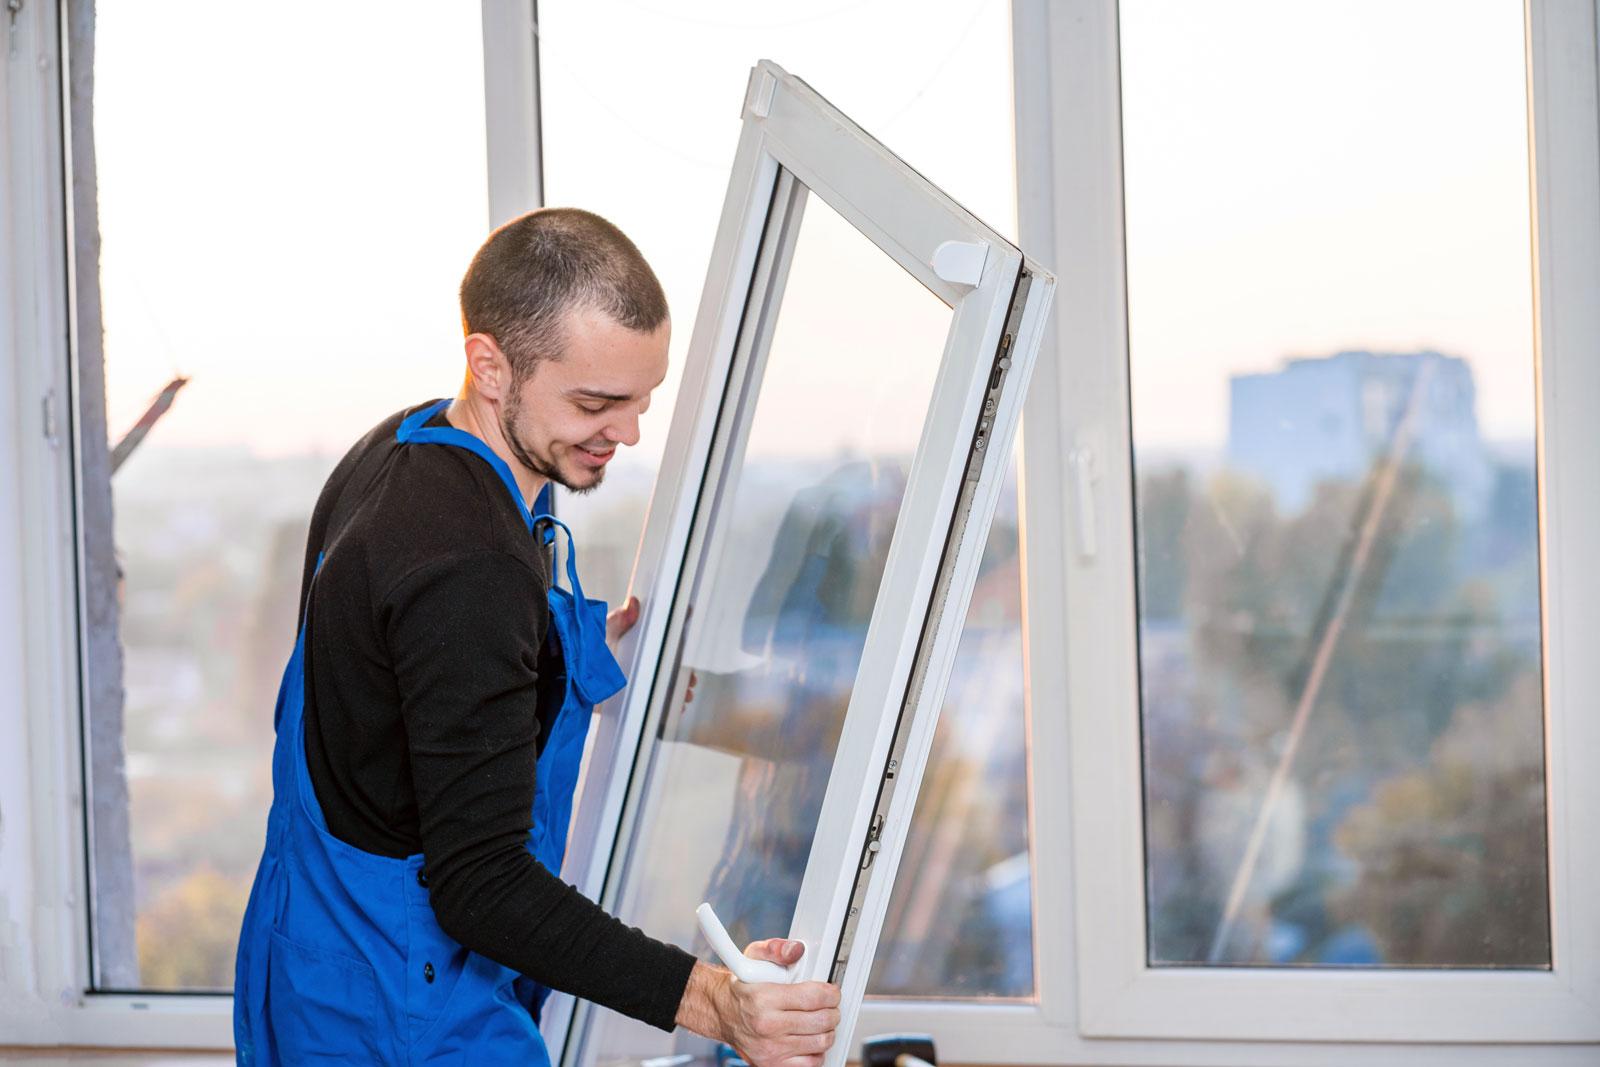 Kunststofffenster werden am häufigsten verwendet.